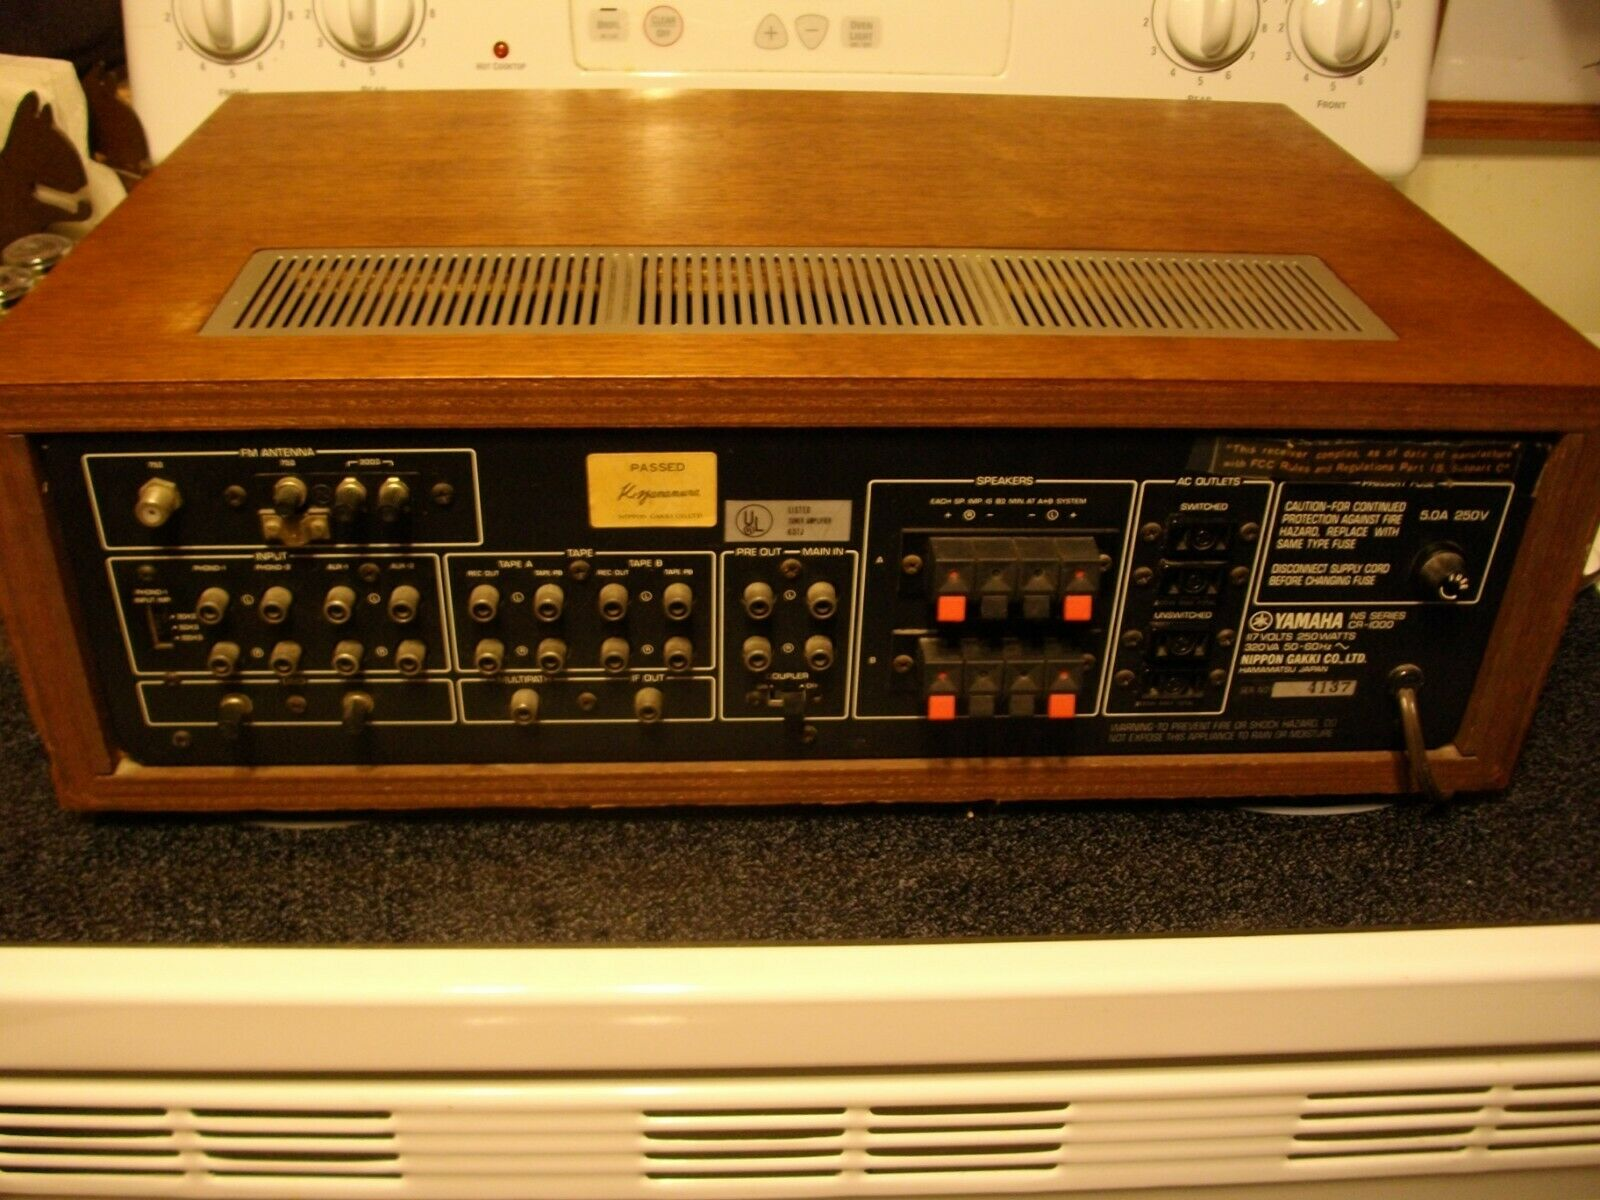 VINTAGE MONSTER YAMAHA CR-1000 Natural Sound FM Stereo Receiver 1977/$850  L@@K!!